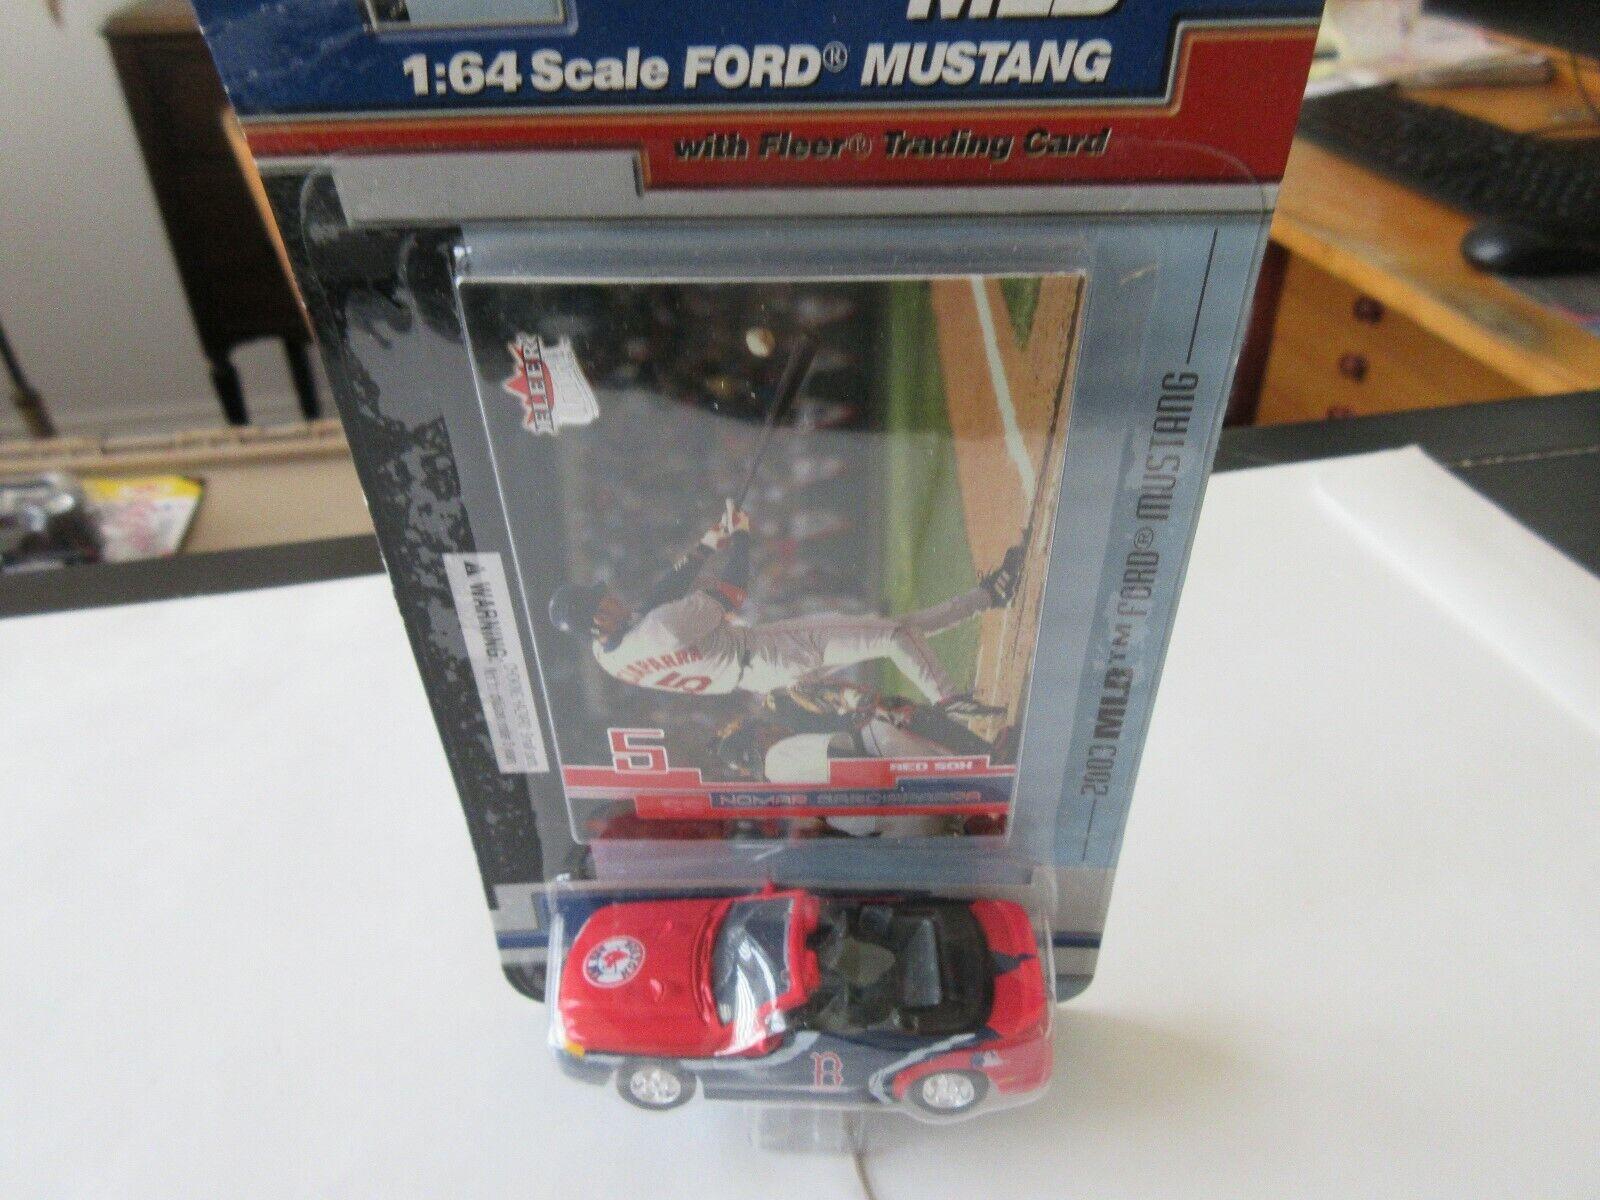 Nomar Garciaparra , Fleerr , 1:64 Scale Ford Mustang &